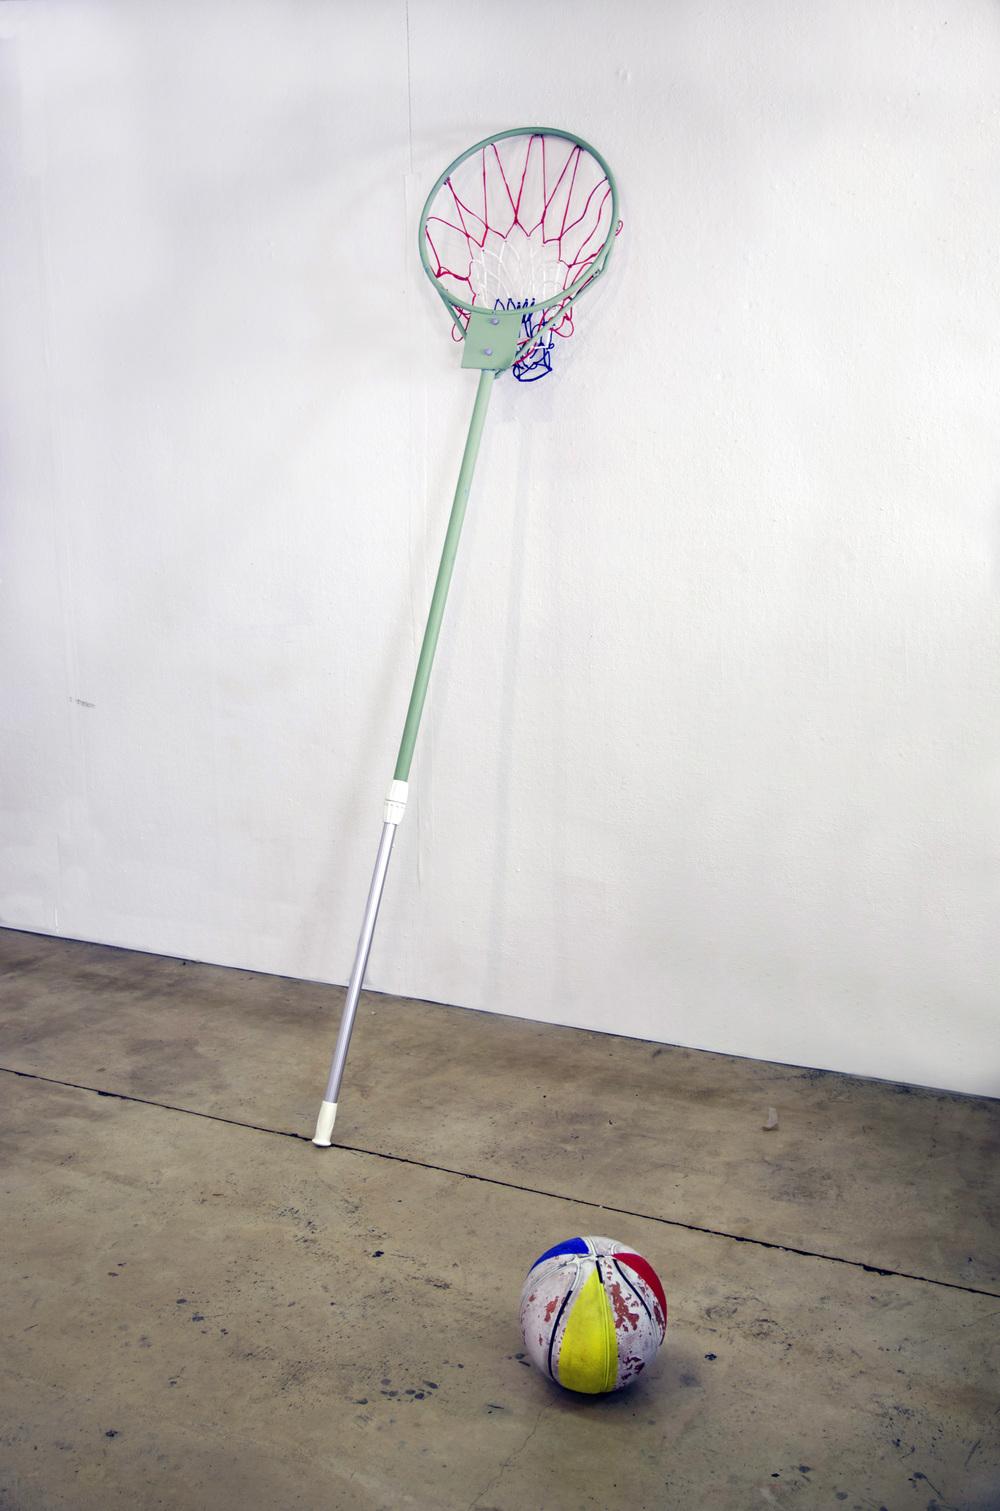 Skim, acrylic, steel, aluminum, found object, 2016